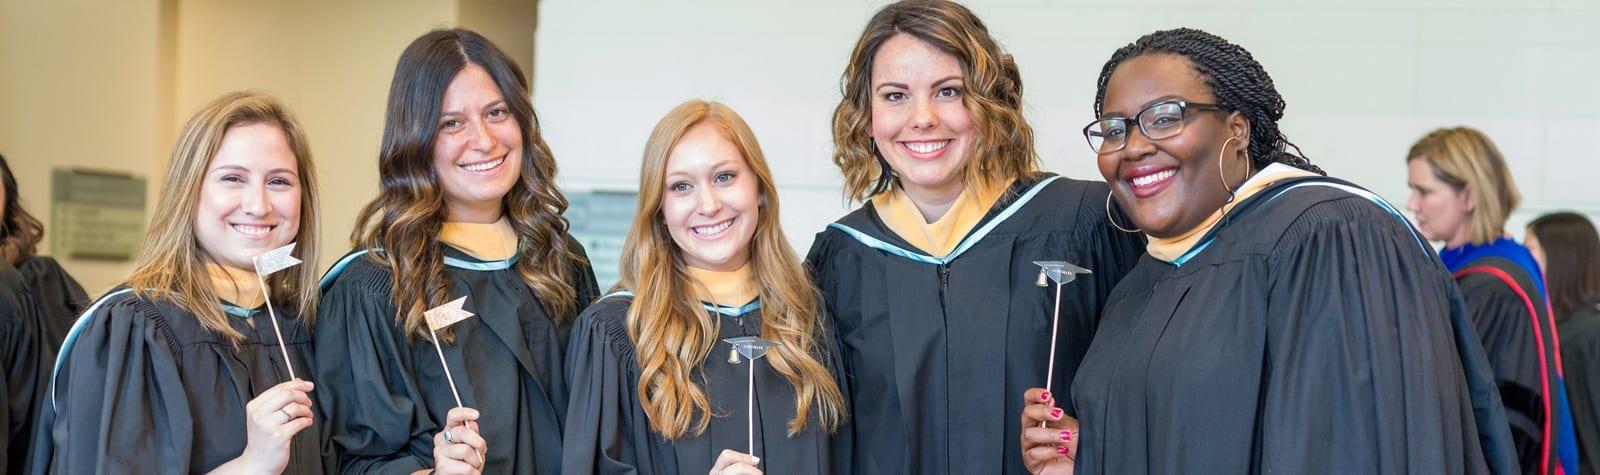 Fit Graduation 2020.2020 Commencement Erikson Institute